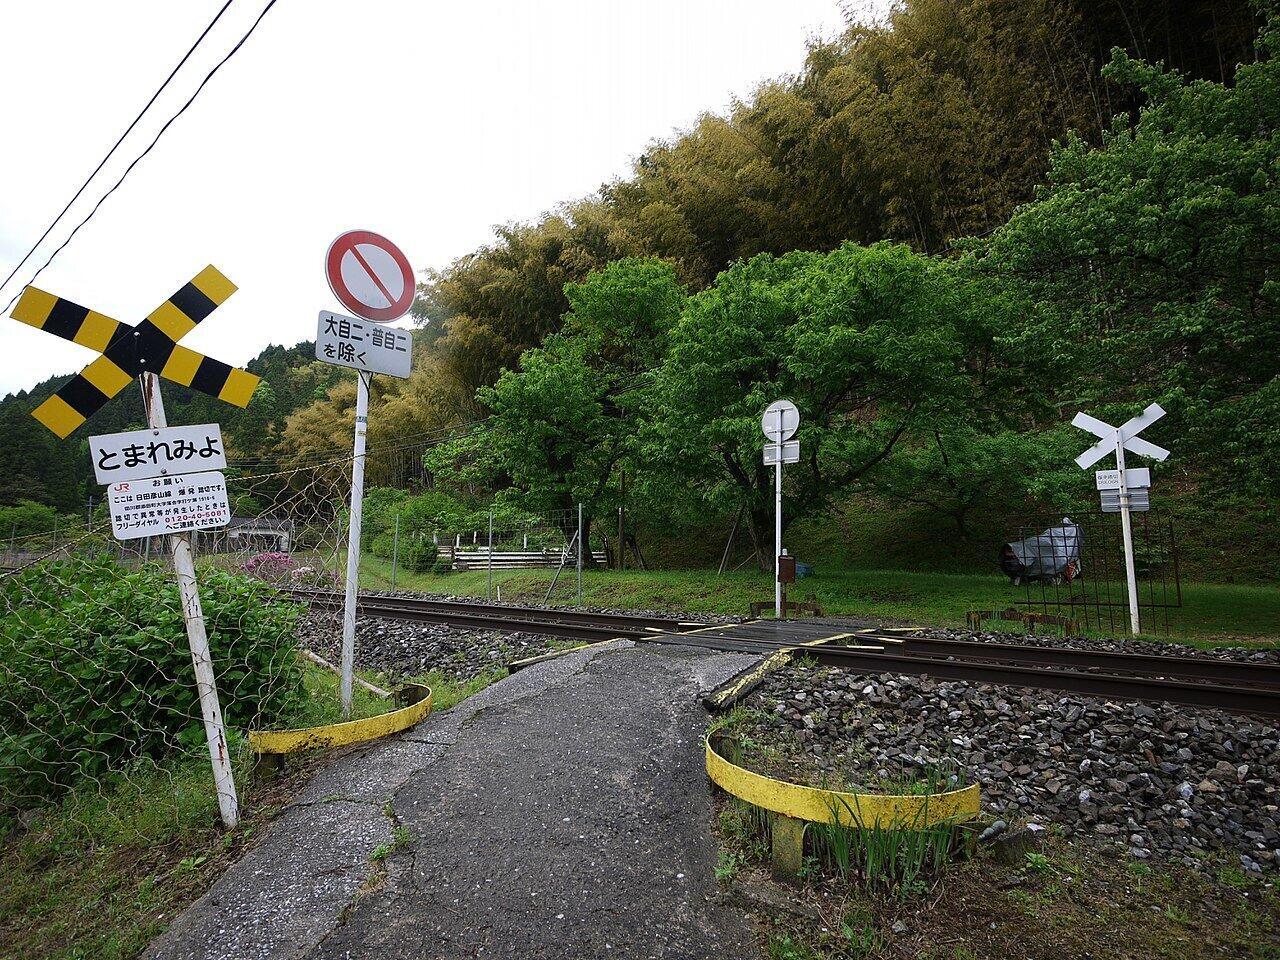 「爆発踏切」日田彦山線BRT化でどうなる 戦後混乱期に起きた「忘れられた事故」残す遺構